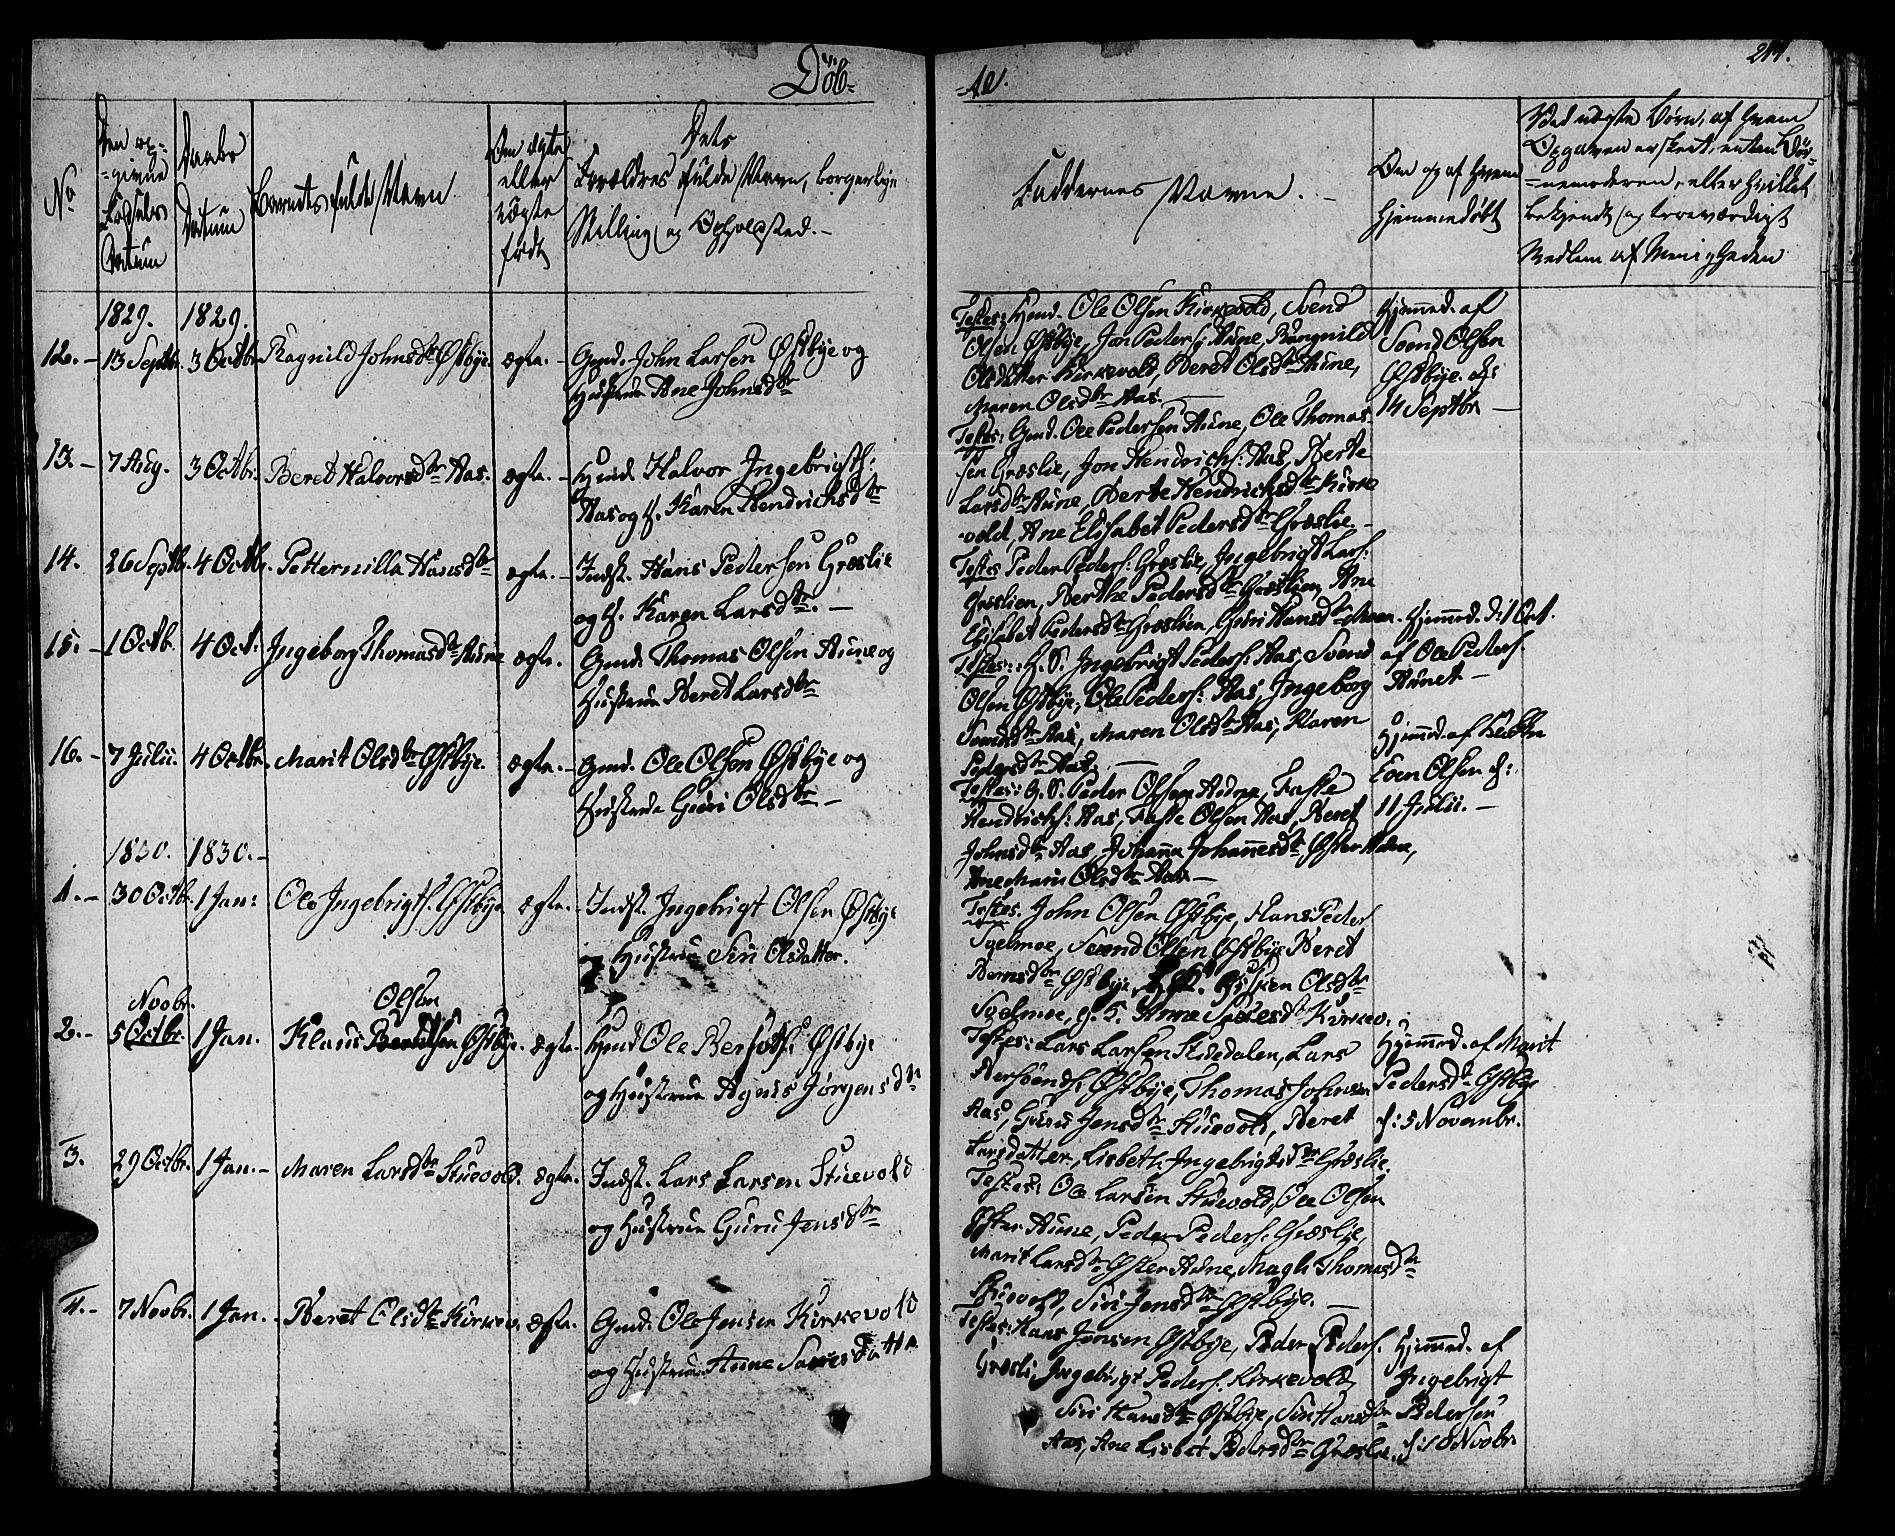 SAT, Ministerialprotokoller, klokkerbøker og fødselsregistre - Sør-Trøndelag, 695/L1144: Ministerialbok nr. 695A05 /2, 1824-1842, s. 214